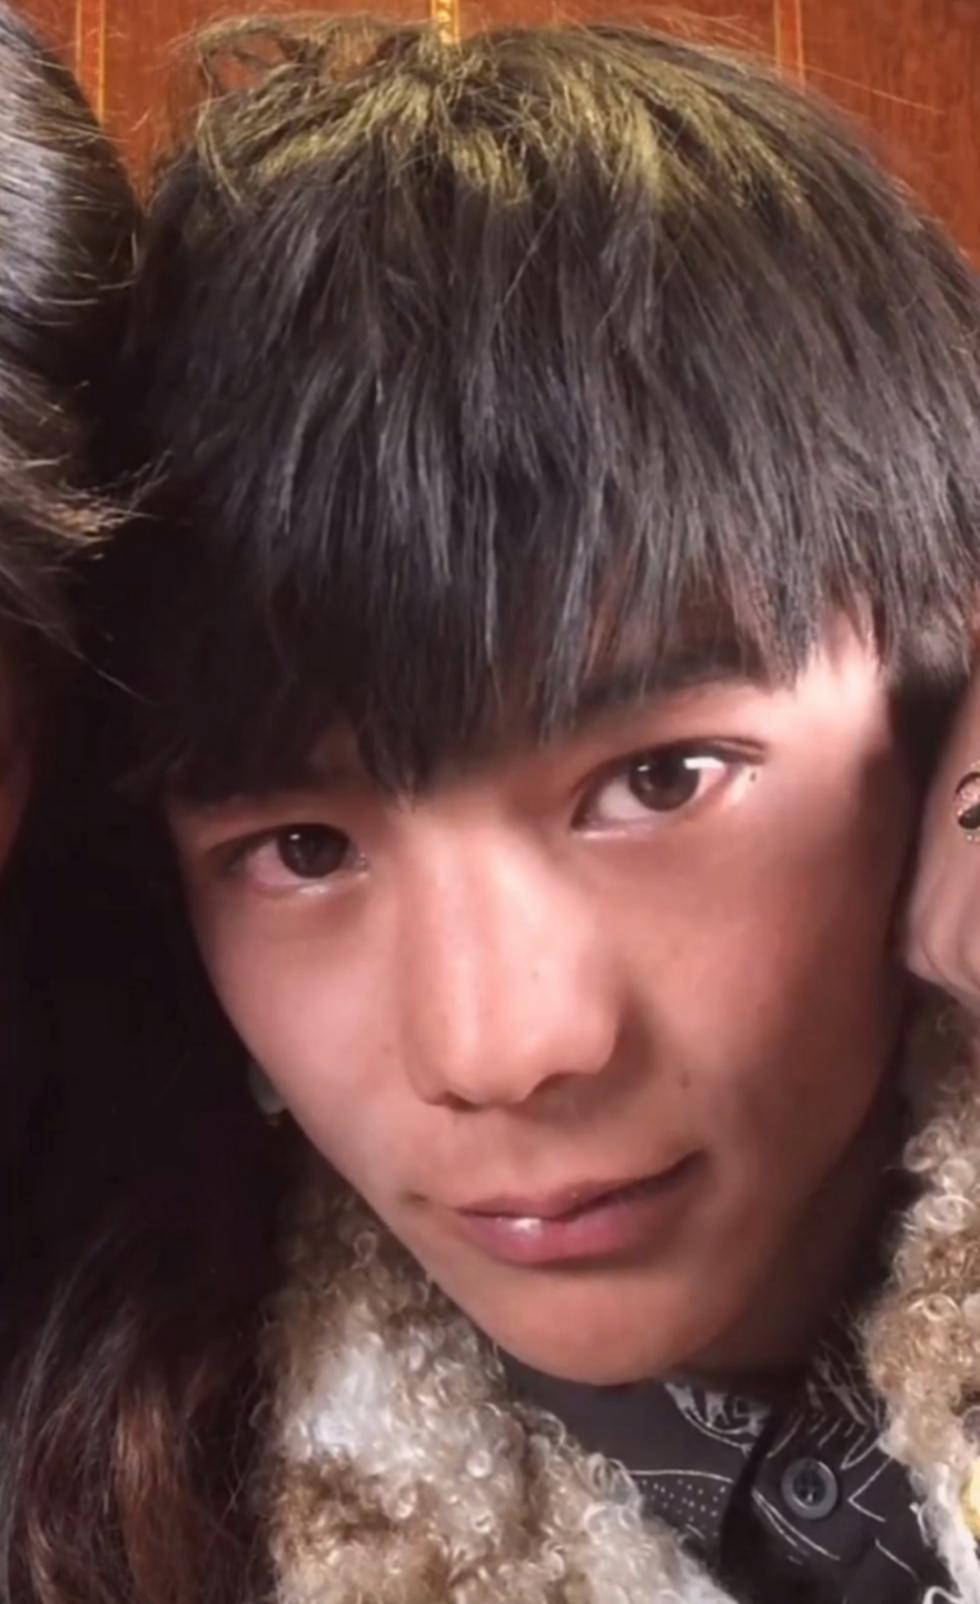 藏族小伙一夜爆红,综艺邀约欲将其打造成明星,本人:想当赛马王子